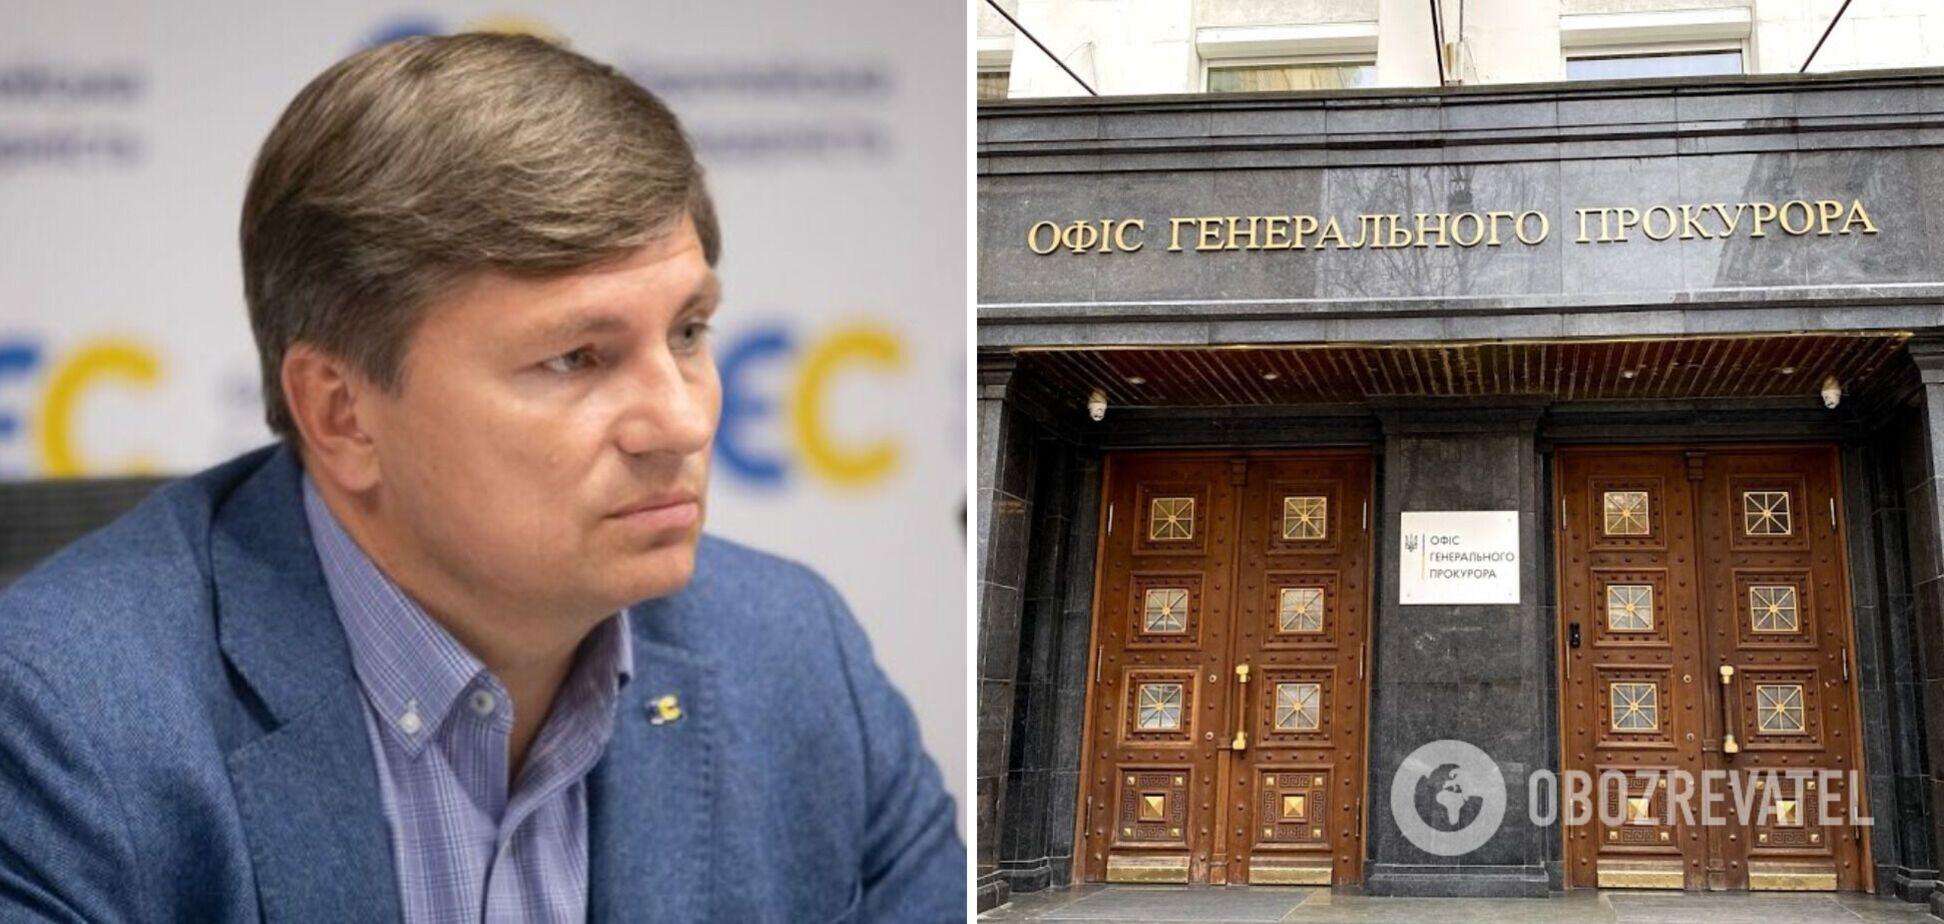 Депутати з 'ЄС' подали заяву в ОГП про злочини керівництва держави